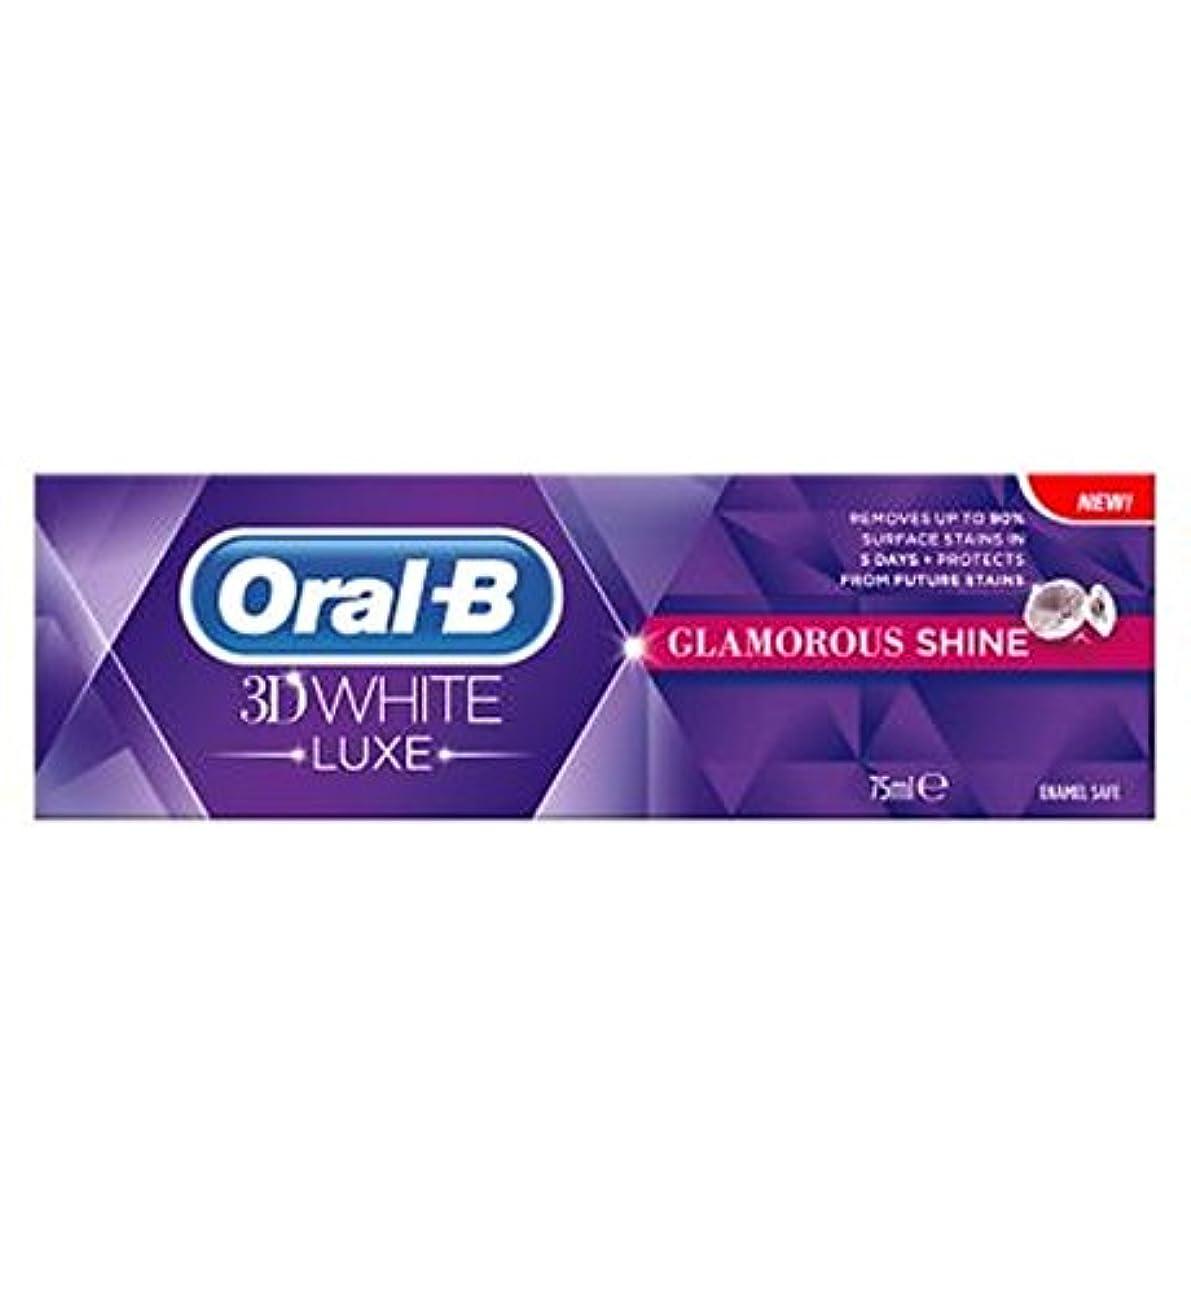 旅仕出します世論調査Oral-B 3DWhite Luxe Glamourous Shine Toothpaste 75ml - オーラルB 3Dwhite豪華グラマラスな輝きの歯磨き粉75ミリリットル (Oral B) [並行輸入品]